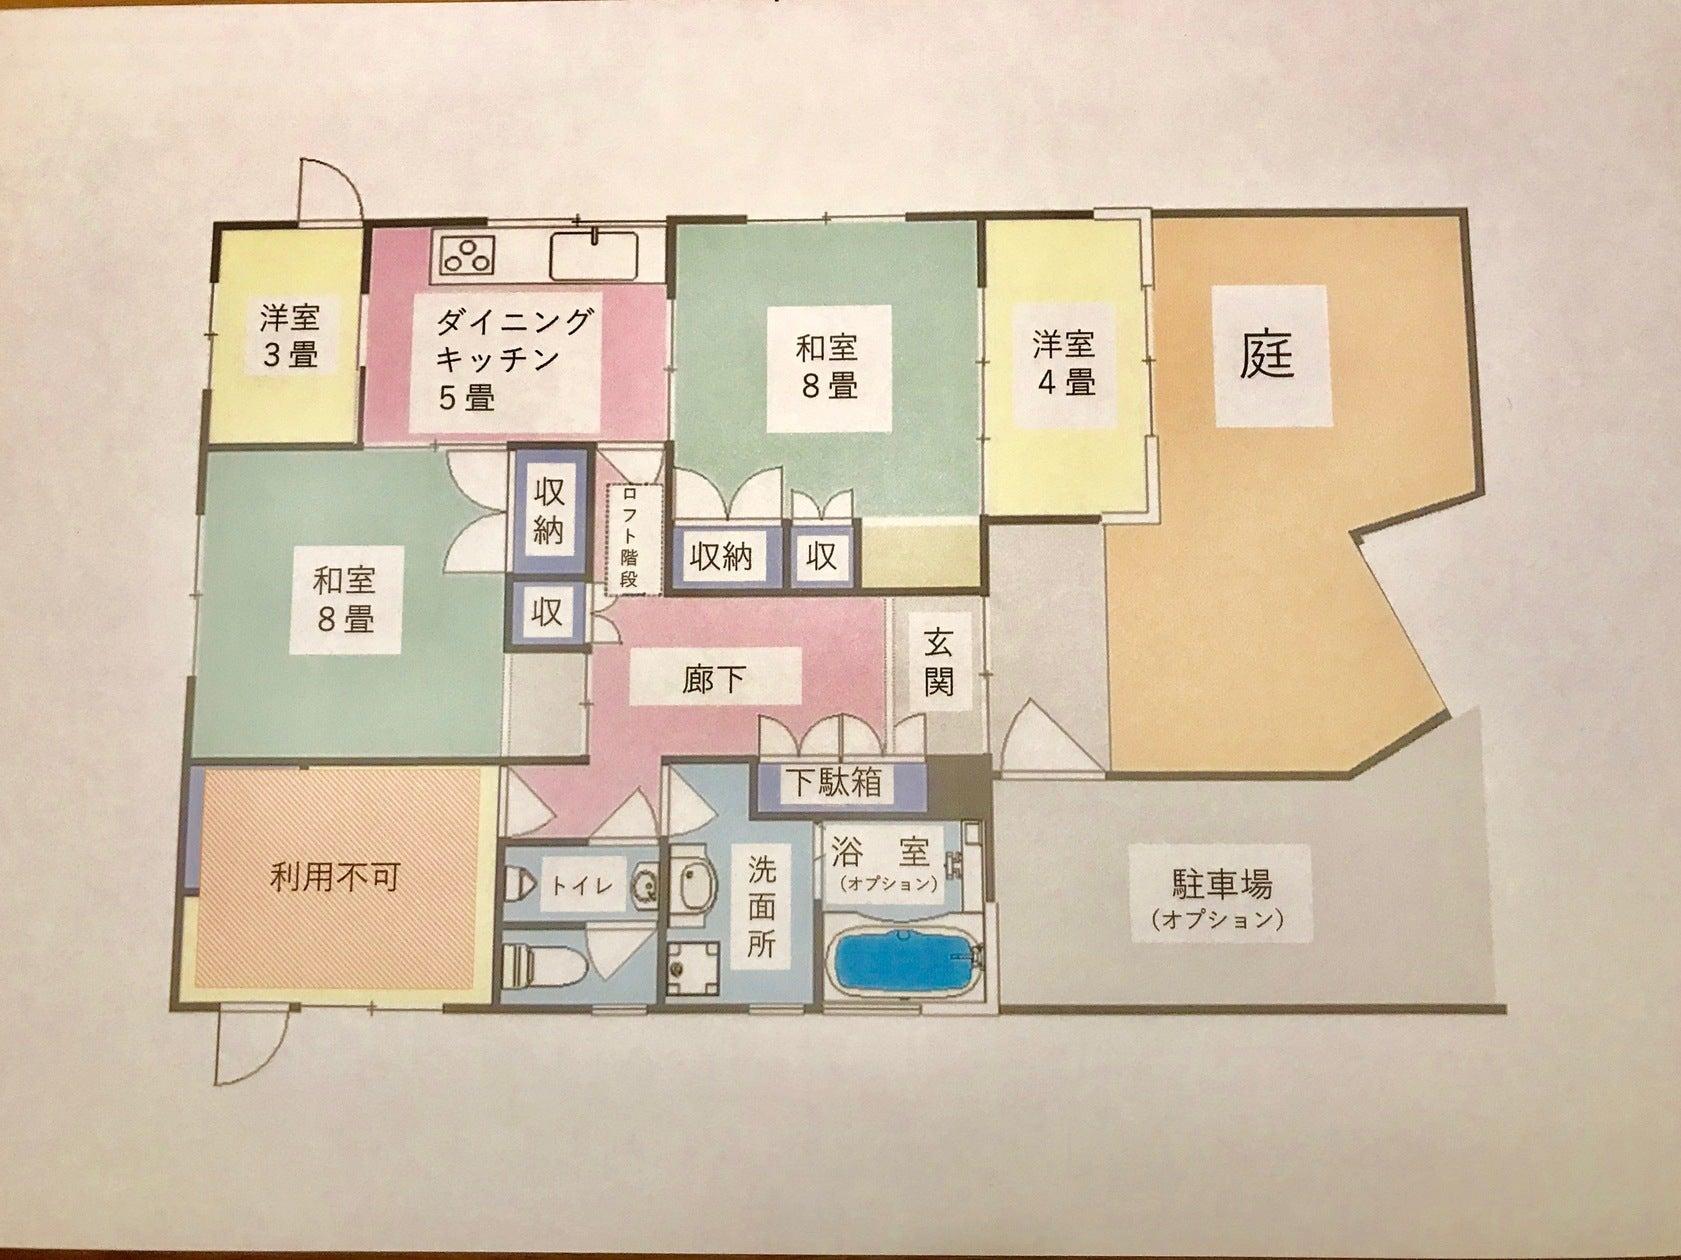 平日限定プランあり!朝までプランあり西新宿5丁目4分♪庭付一軒家90㎡を丸々お貸しします♪ の写真